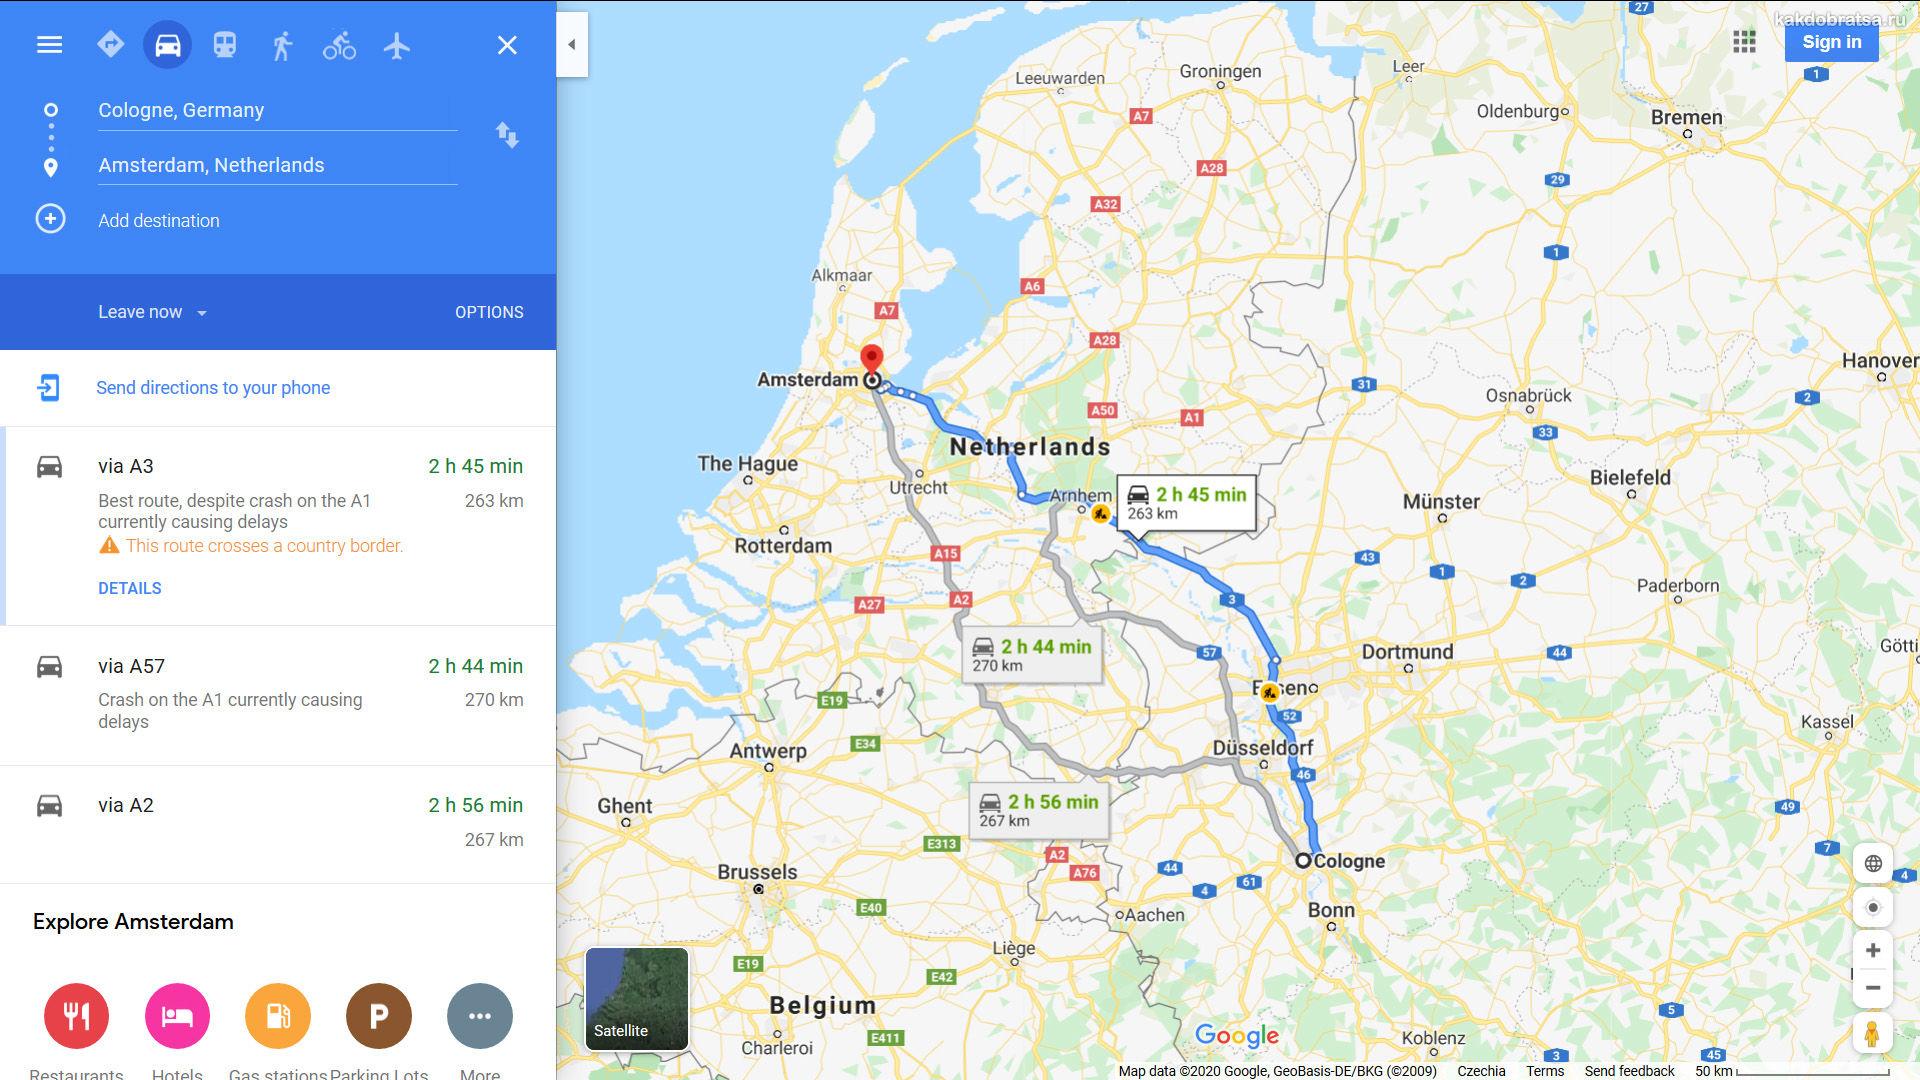 Кельн Амстердам расстояние и время в пути